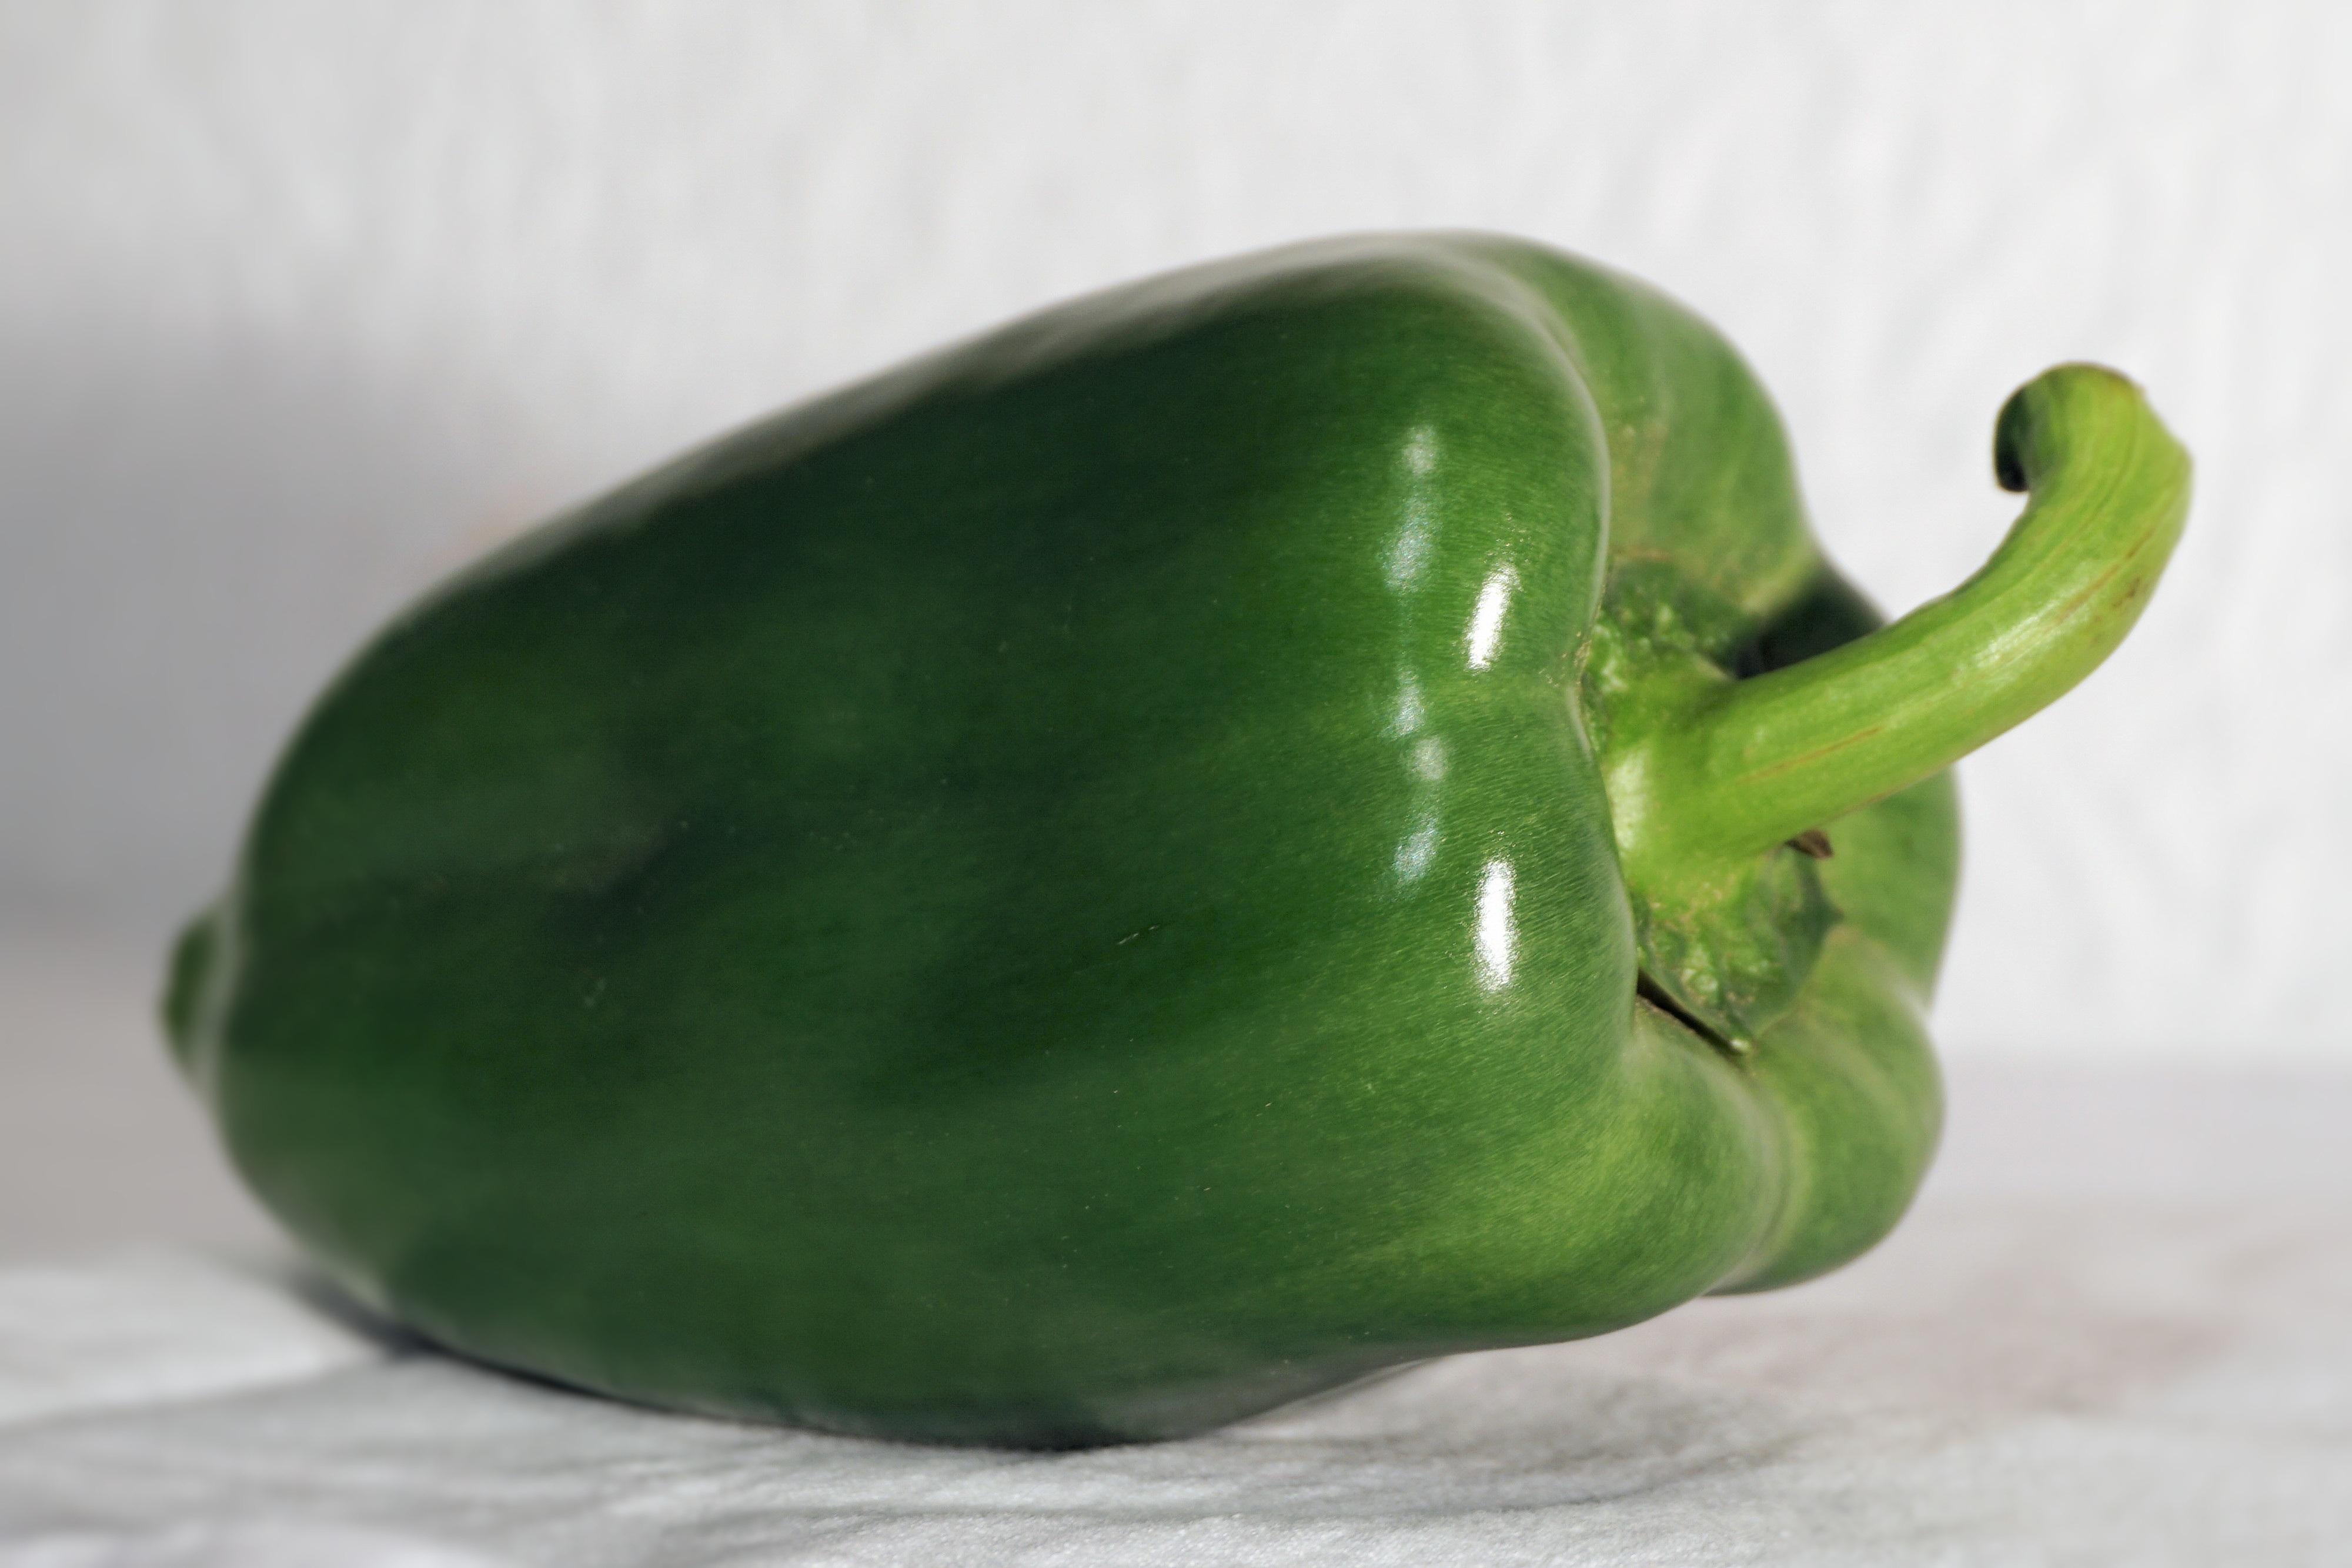 fotos gratis fruta flor comida verde pimienta produce vegetal saludable calabaza vegetales pimiento morrn vegetariano vitaminas pimenton